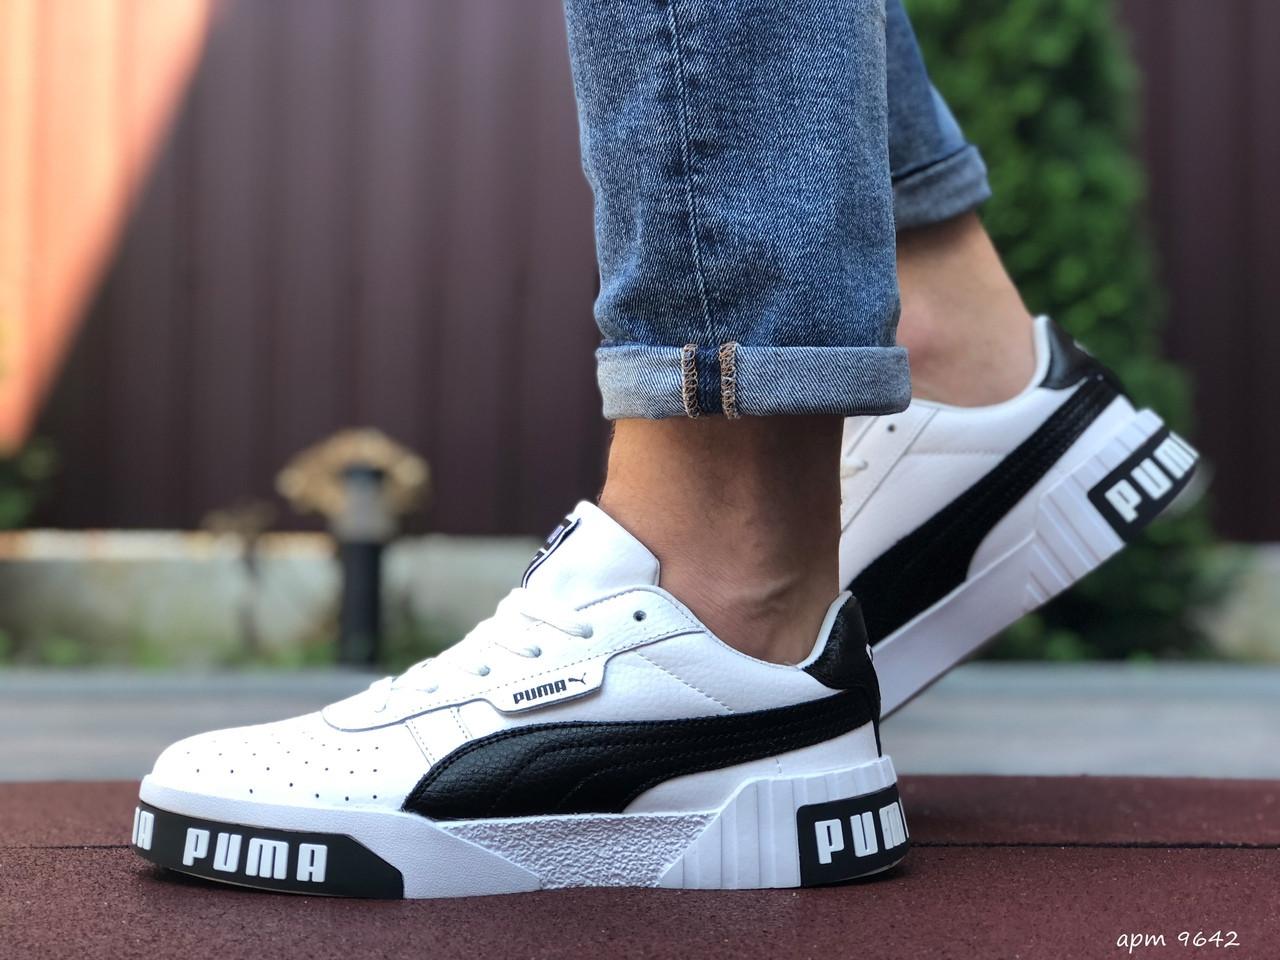 Мужские кроссовки Puma Cali Bold (бело-черные) 9642